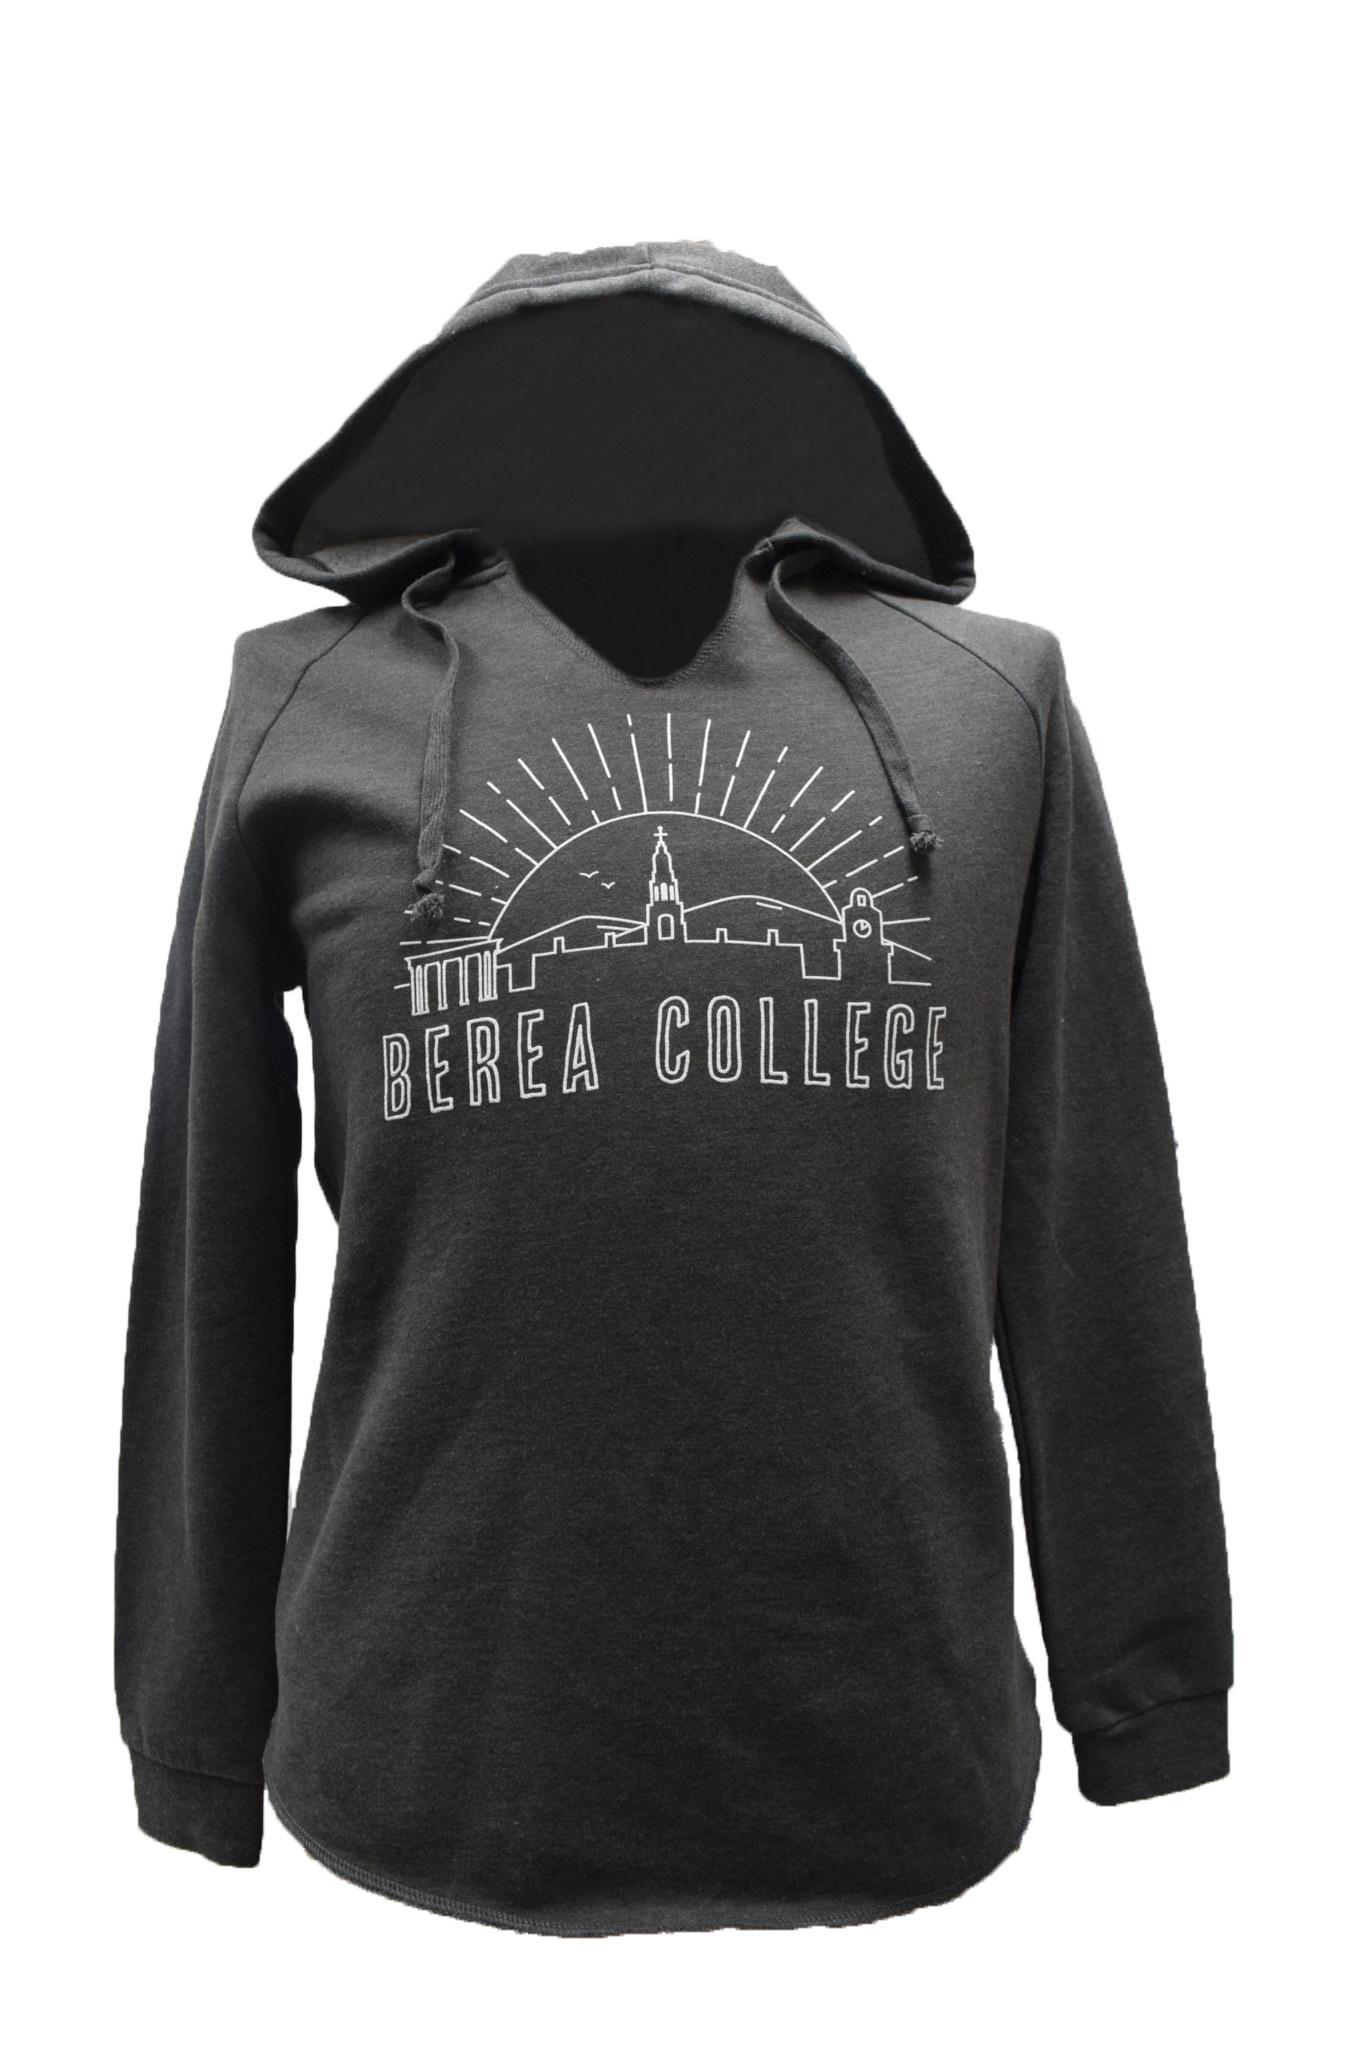 Berea College Adventurer logo Hoodie-3